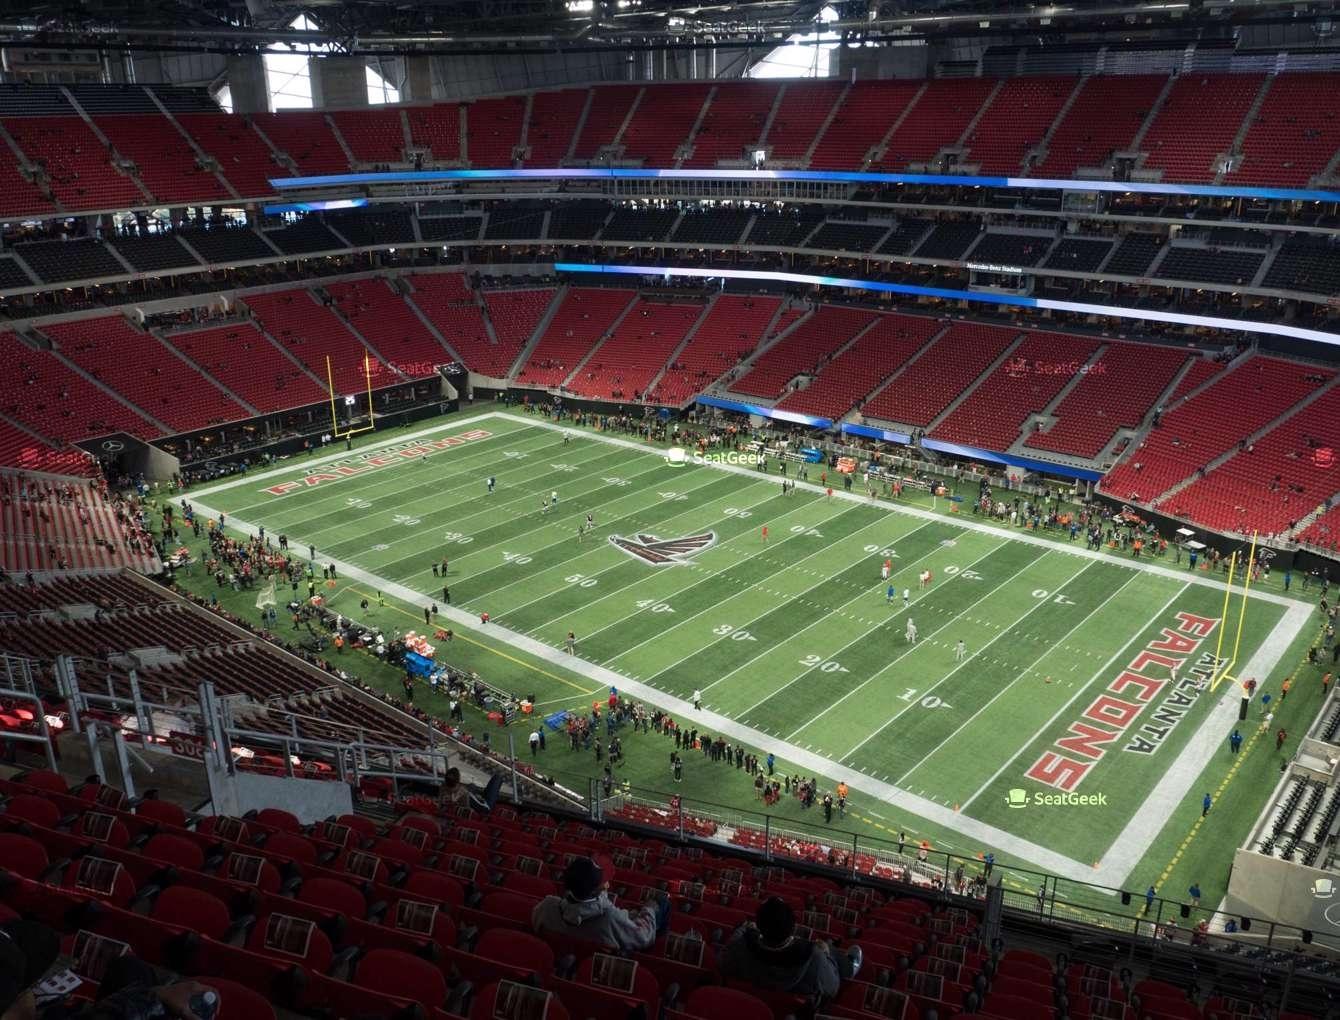 Mercedes-Benz Stadium Section 306 Seat Views | Seatgeek regarding Atlanta Stadium Super Bowl Seating Capacity